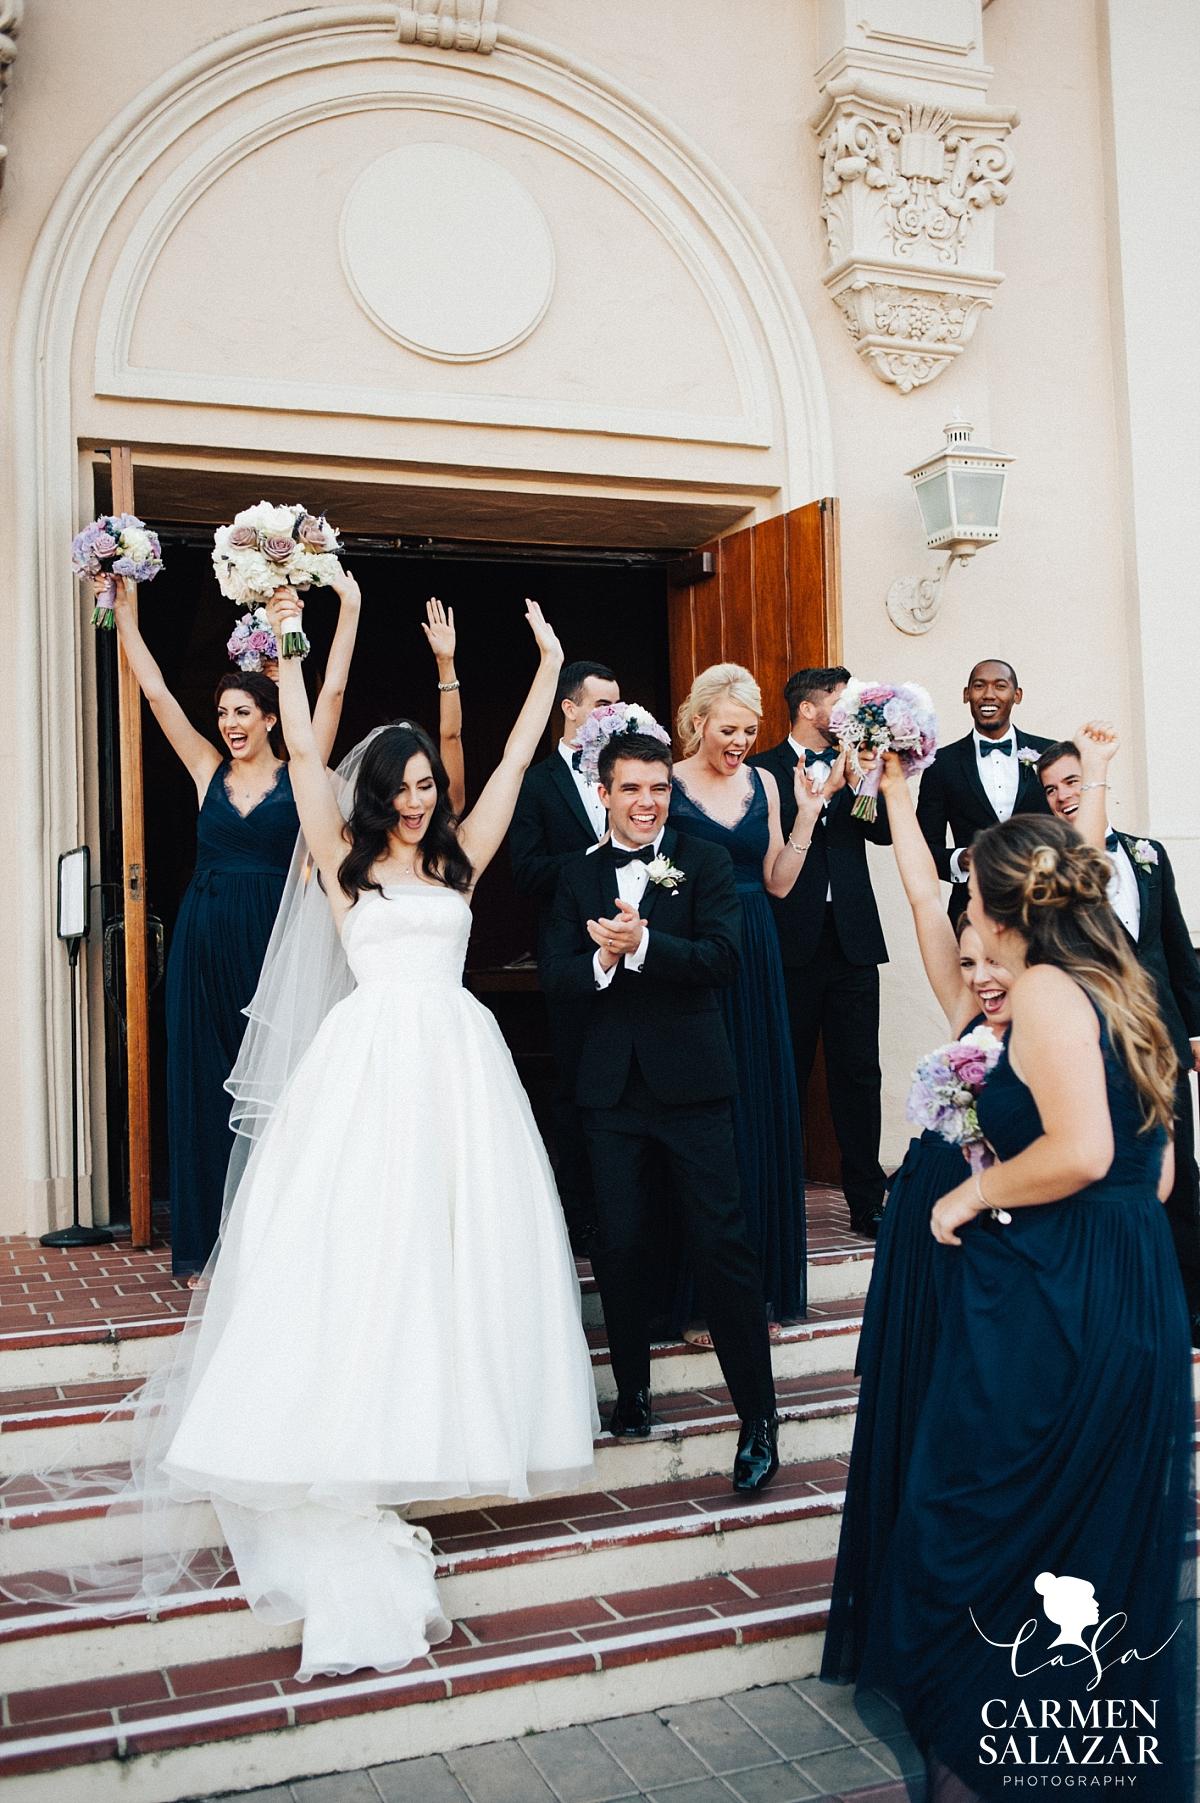 Bride and groom celebrating after ceremony - Carmen Salazar